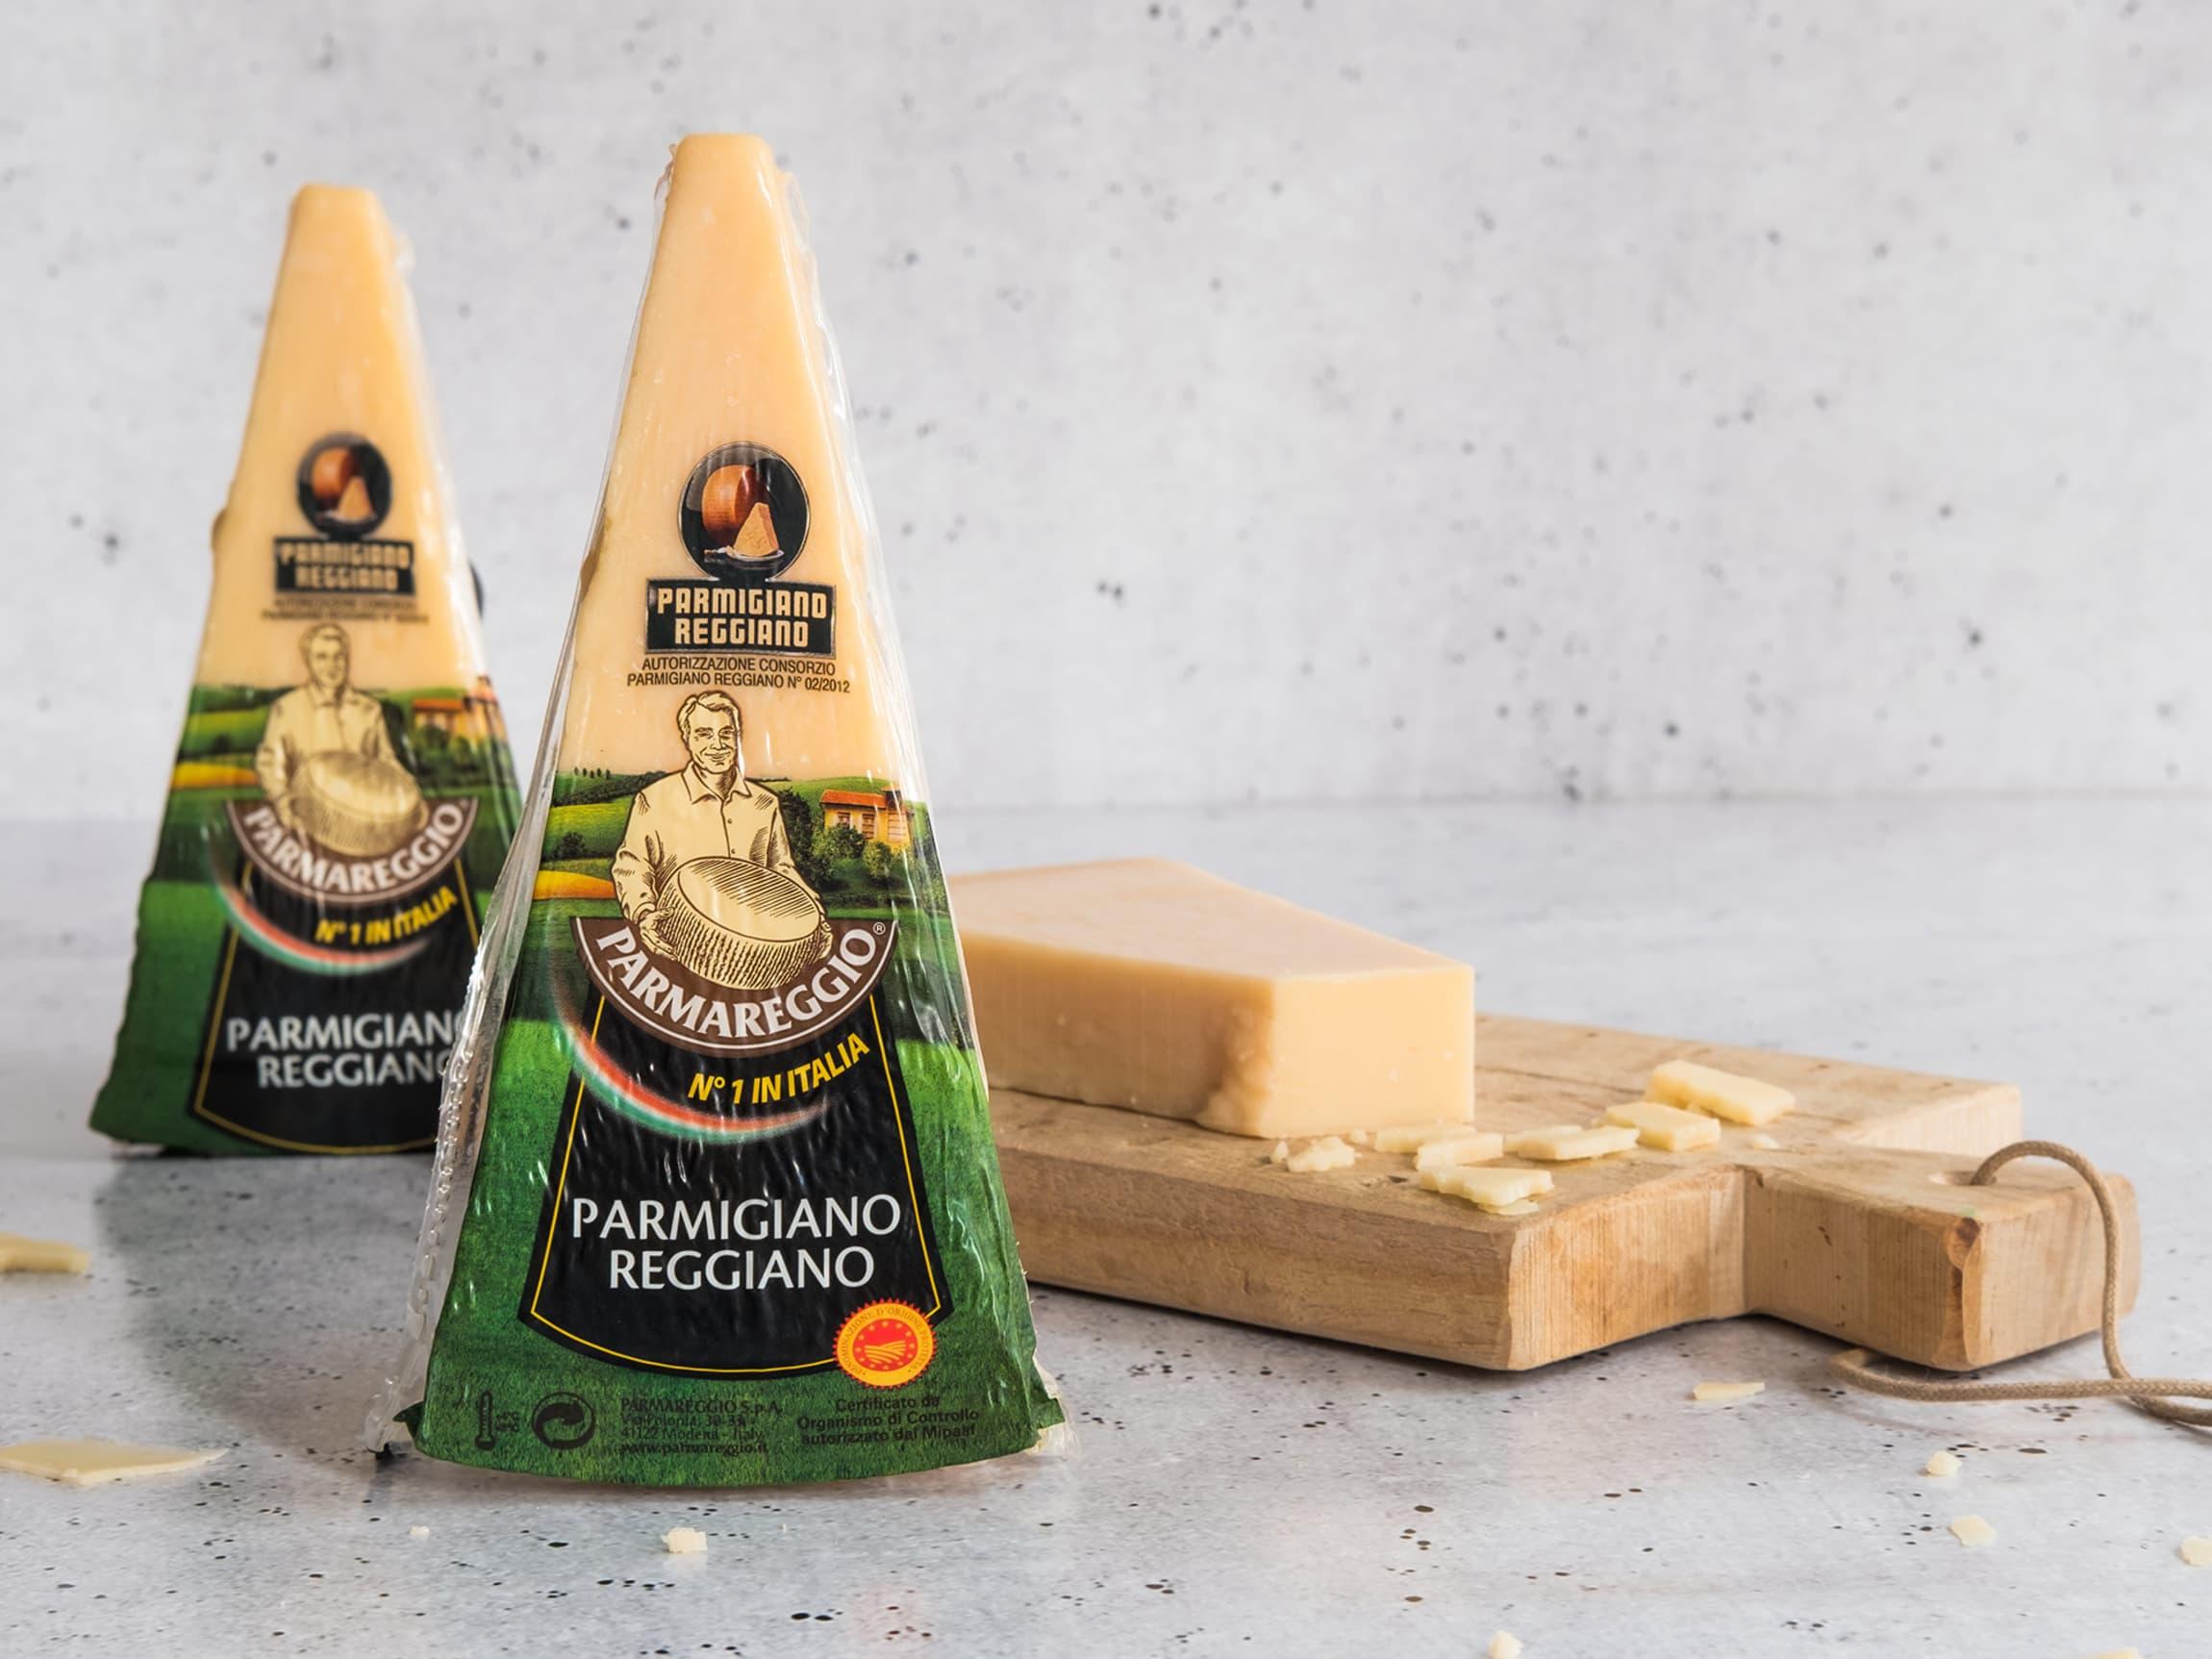 Parmesan er uunværlig i det italienske kjøkken. Det er kanskje ikke rart når den smaker så godt og kan brukes til det meste!